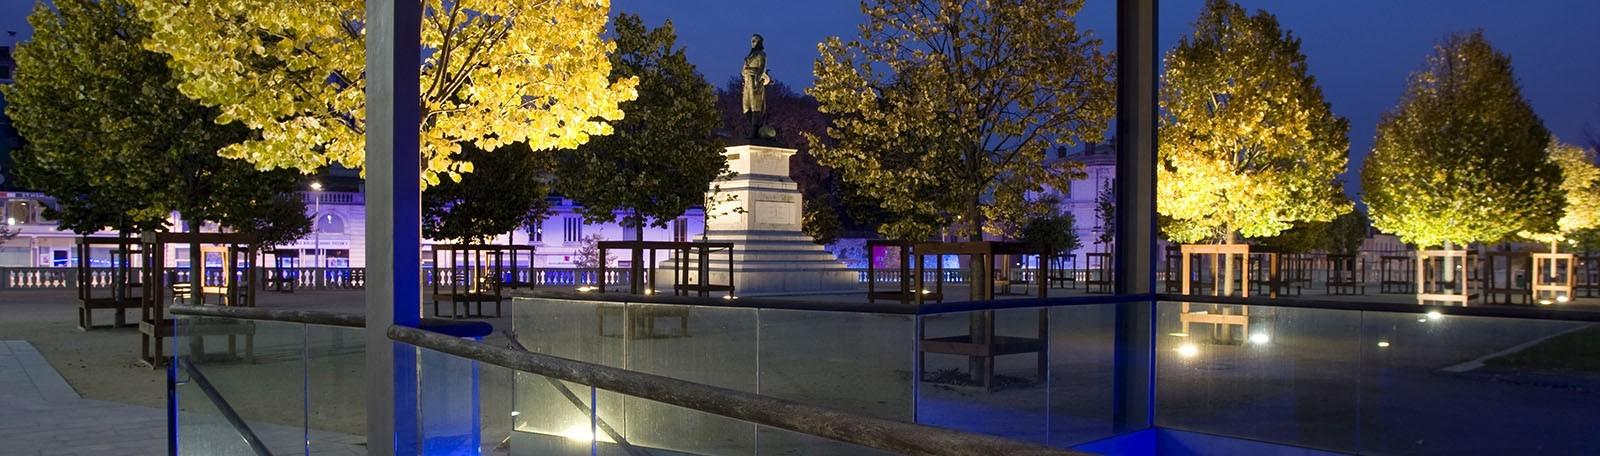 Car park Champs de Mars - Park in Valence   Q-Park